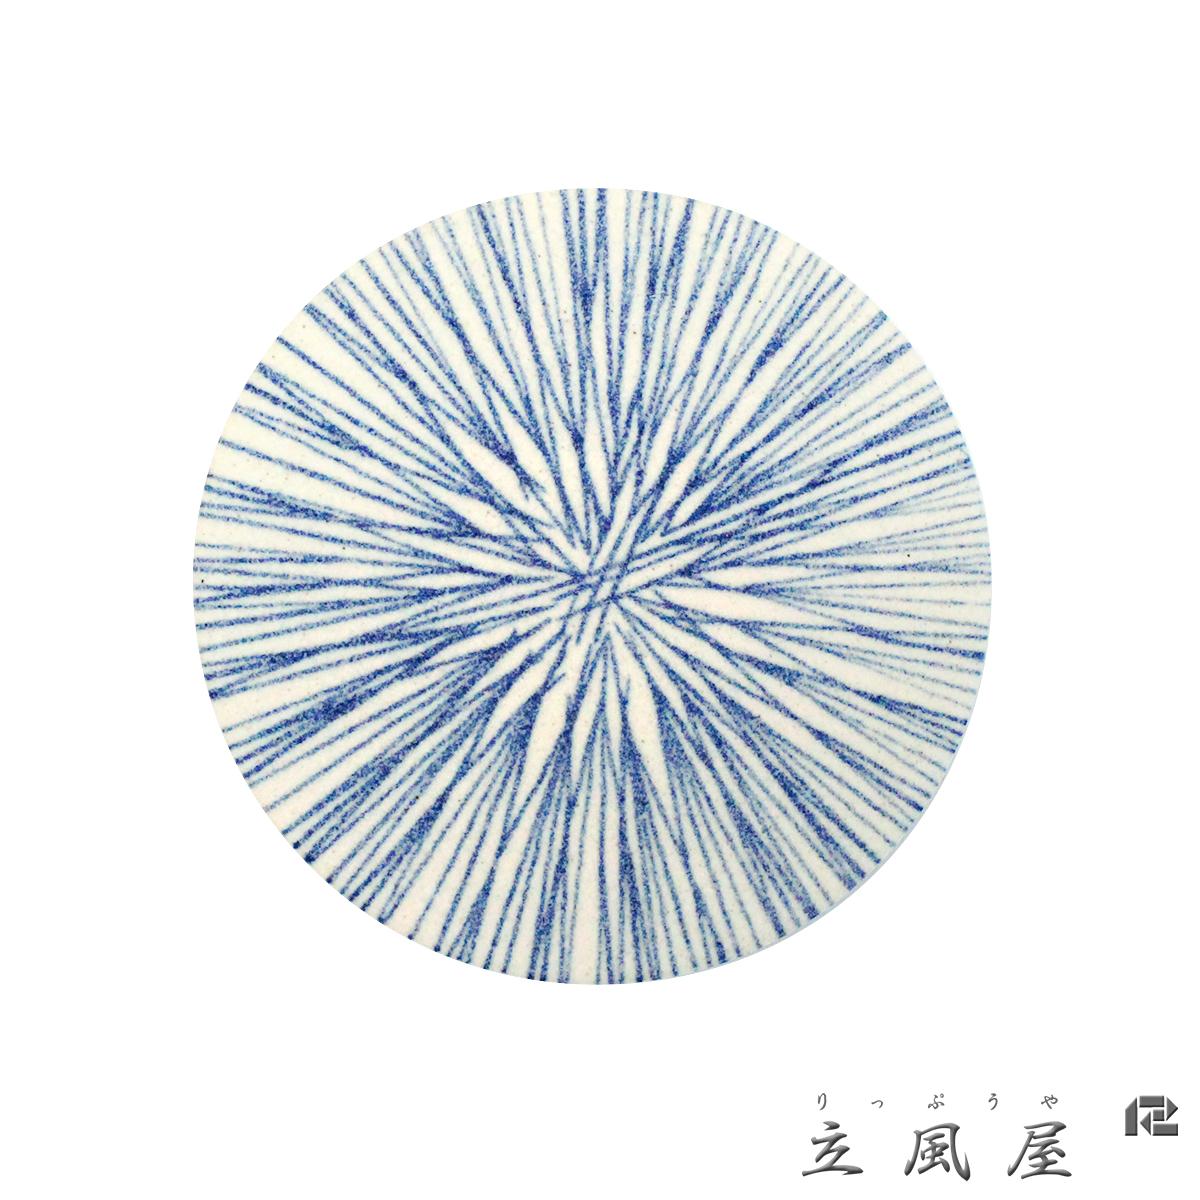 立風屋 珪藻土コースター 藍文様シリーズ 十草 (とくさ)rpcs-wt-16101-01_c01